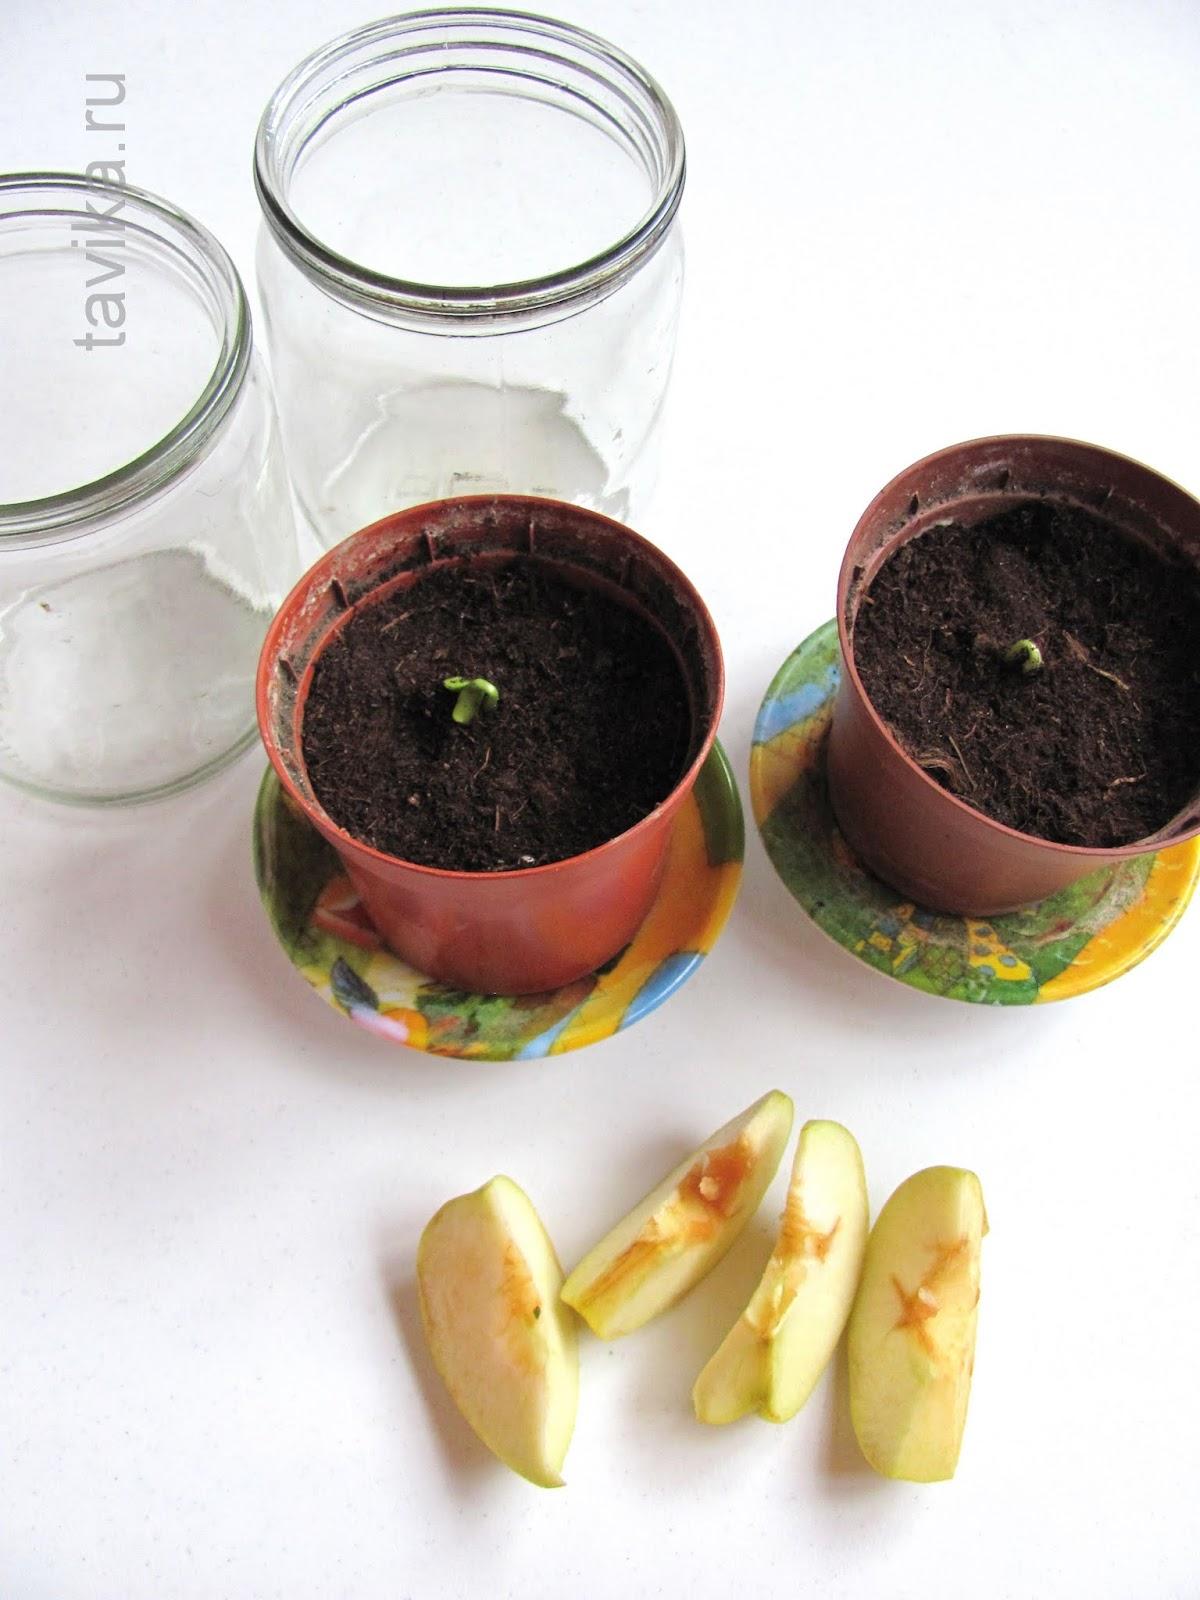 опыты с растениями для детей: влияние этилена